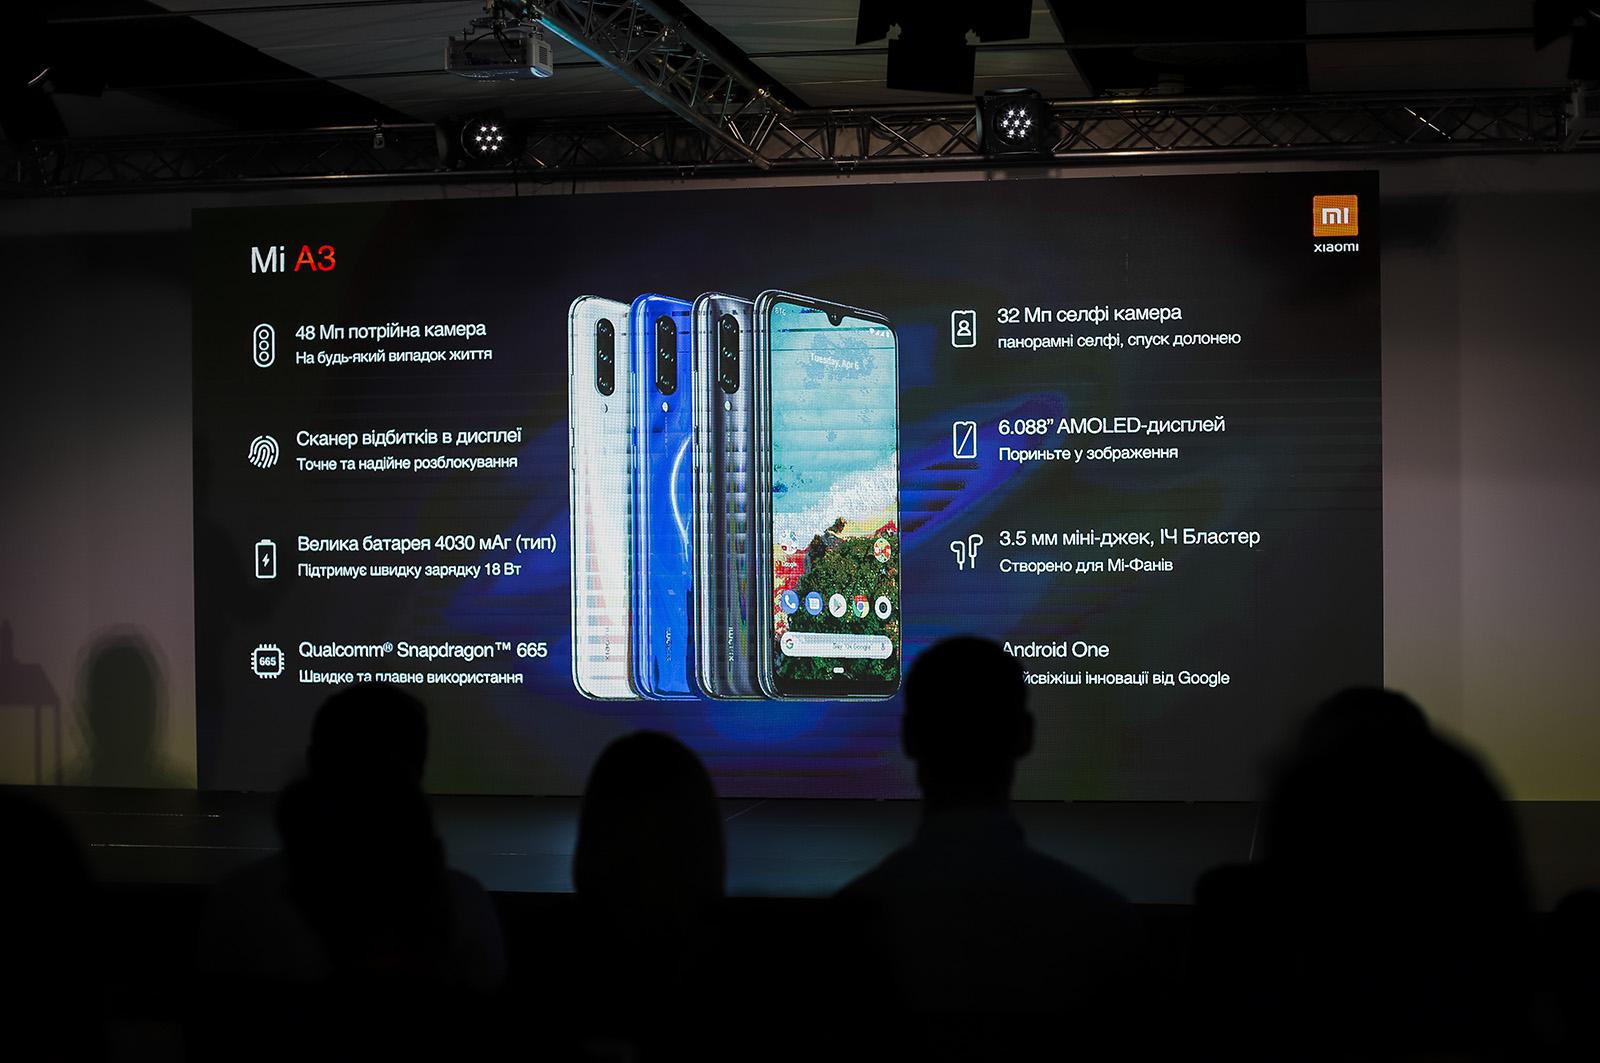 Новинки Xiaomi на украинском рынке